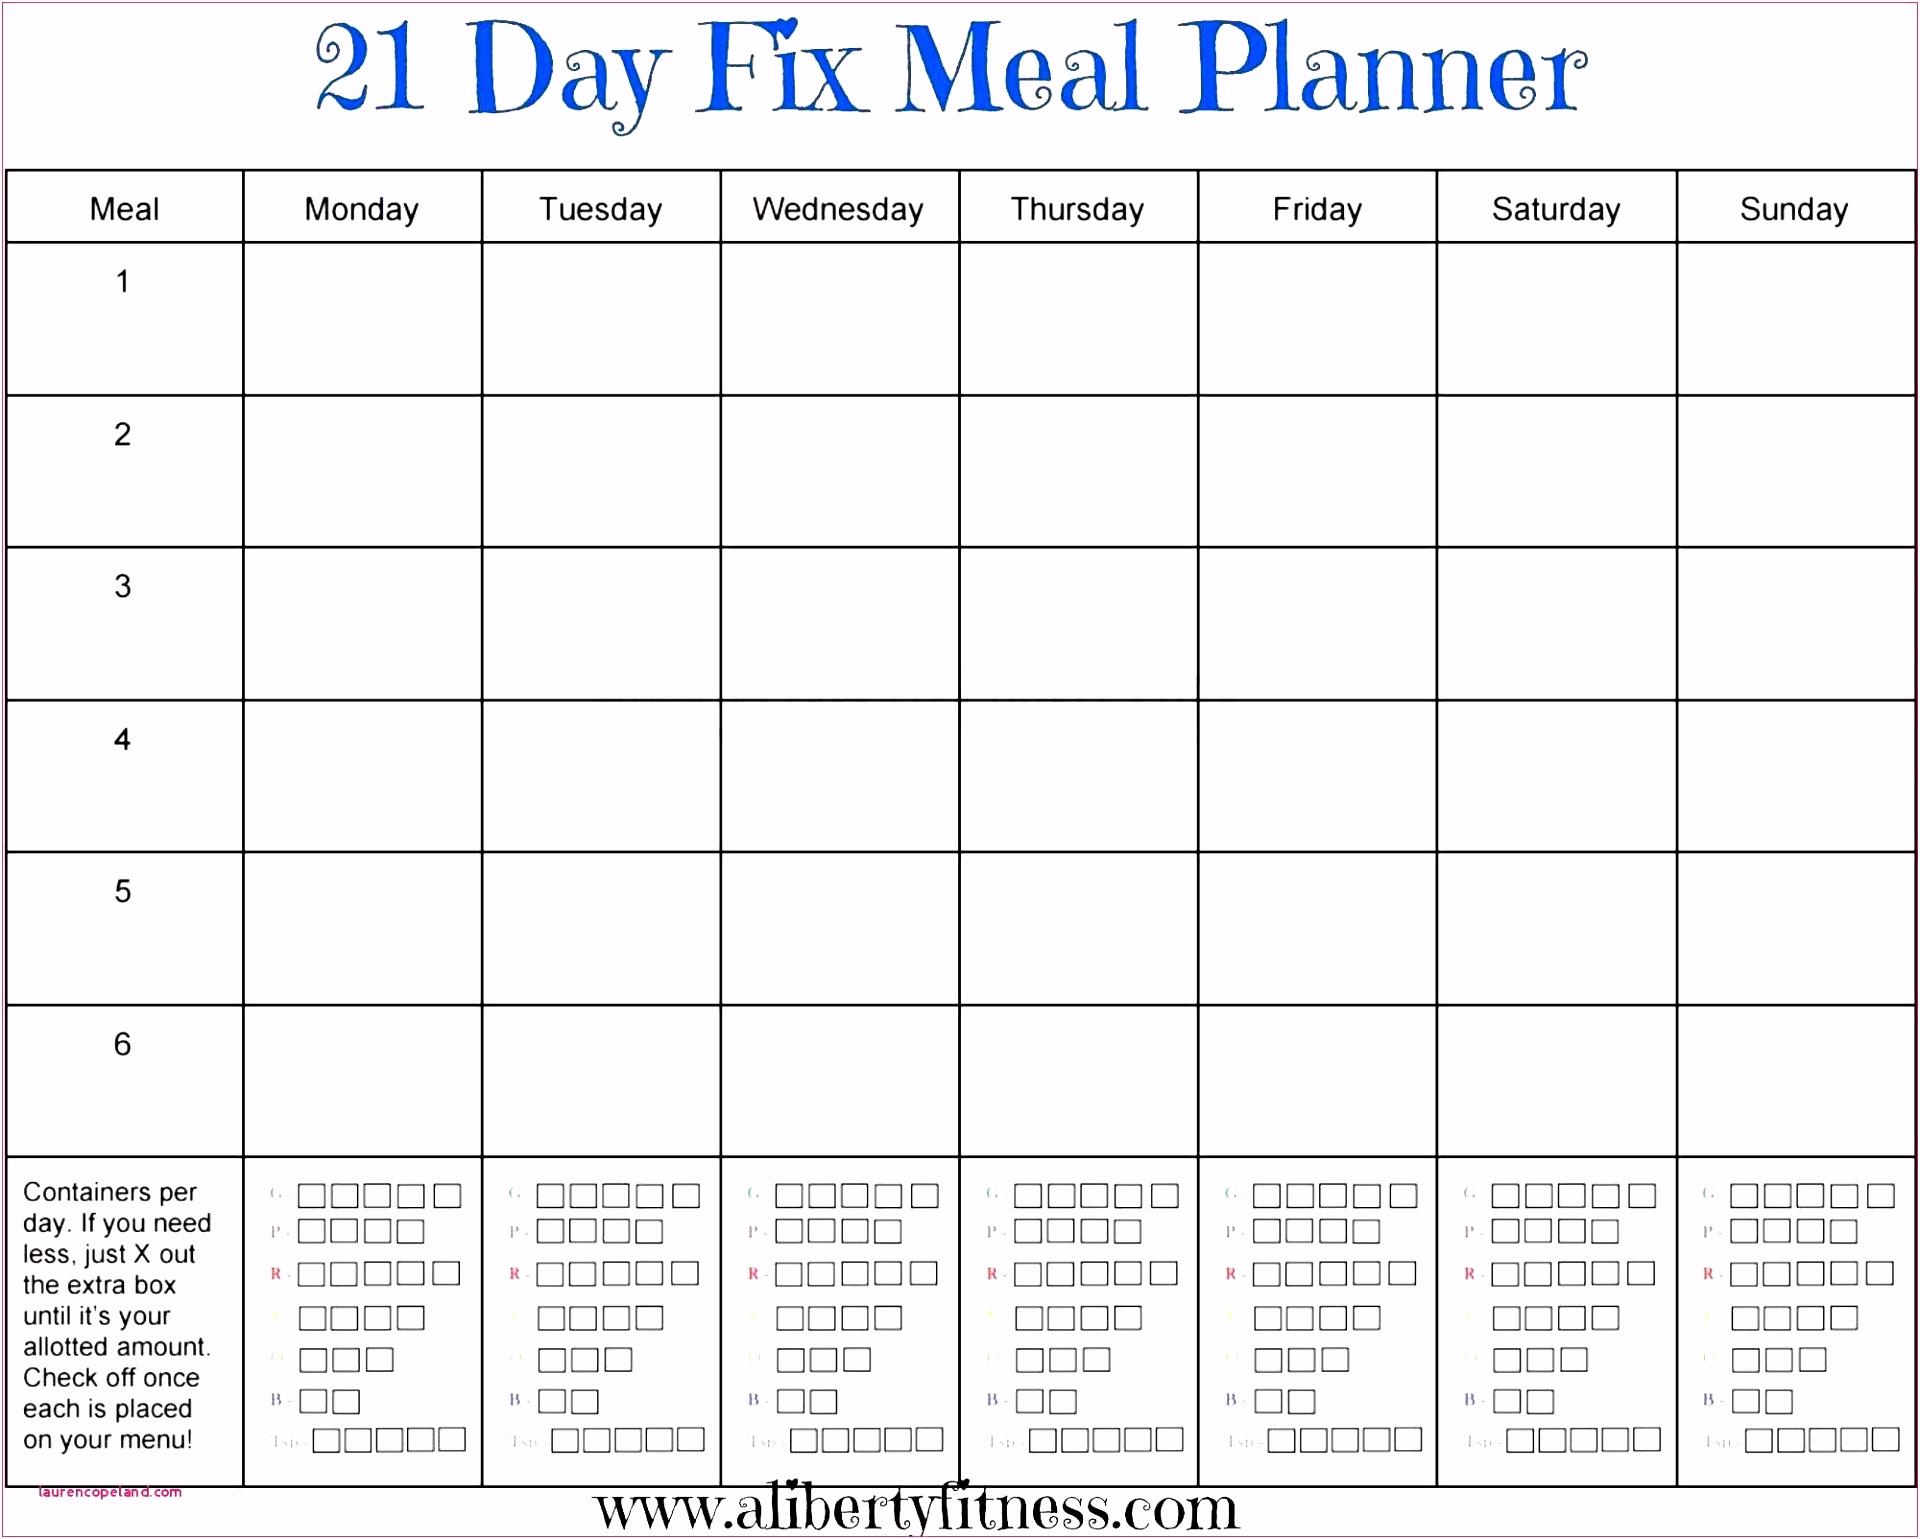 Stundenzettel Vorlage 2018 Kalender 2018 Vorlage Excel Stundenzettel Excel Vorlage Kostenlos F1wk73zad6 Y4yks6exv6